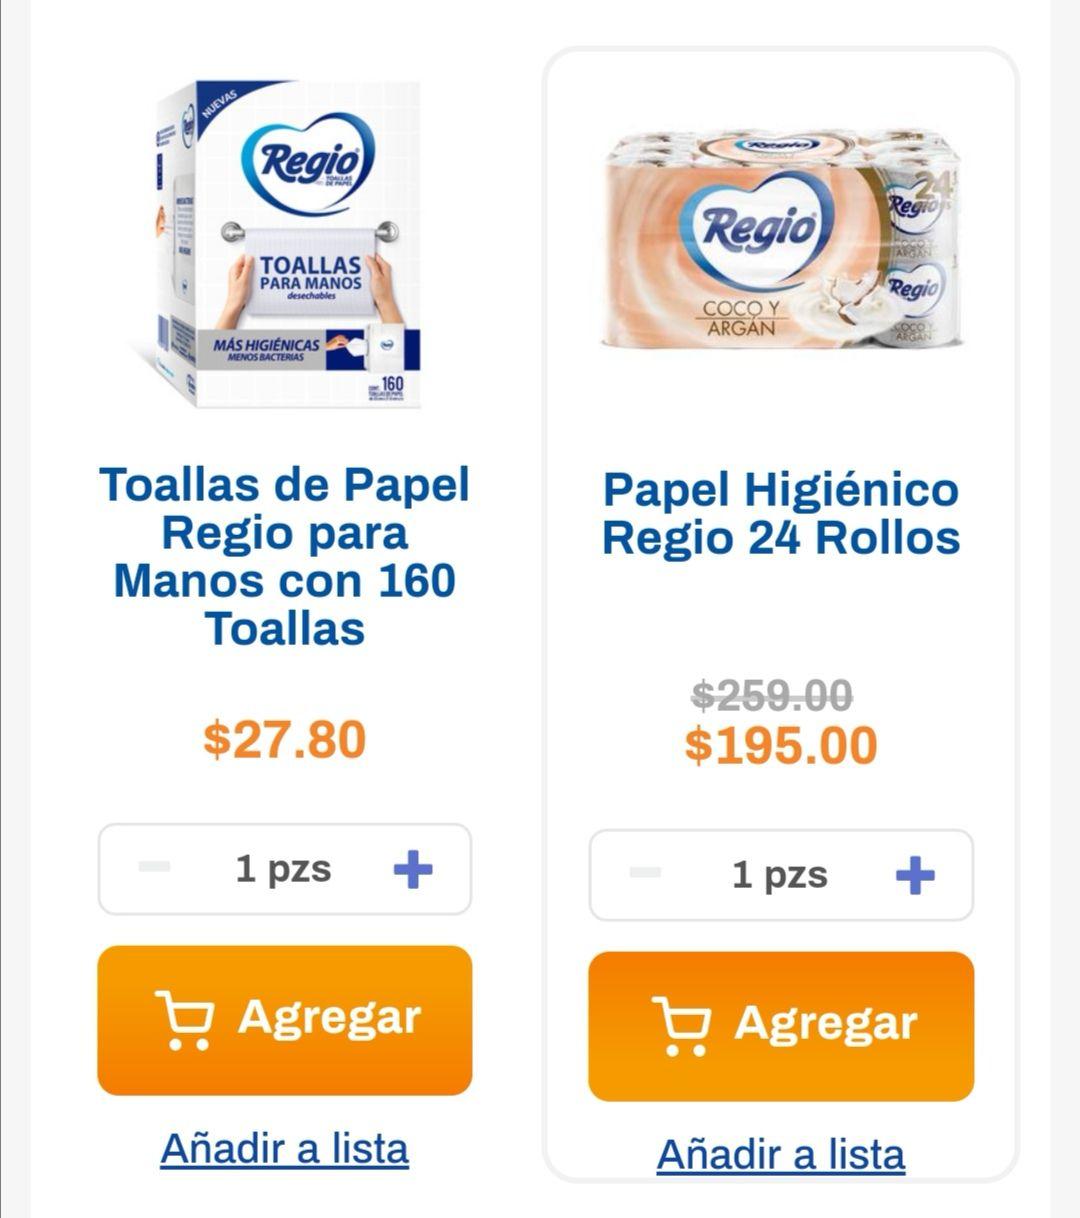 Chedraui: En la compra de 1 papel higiénico Regio Coco y Argan 24 rollos, gratis toallas desechables Regio 16 H